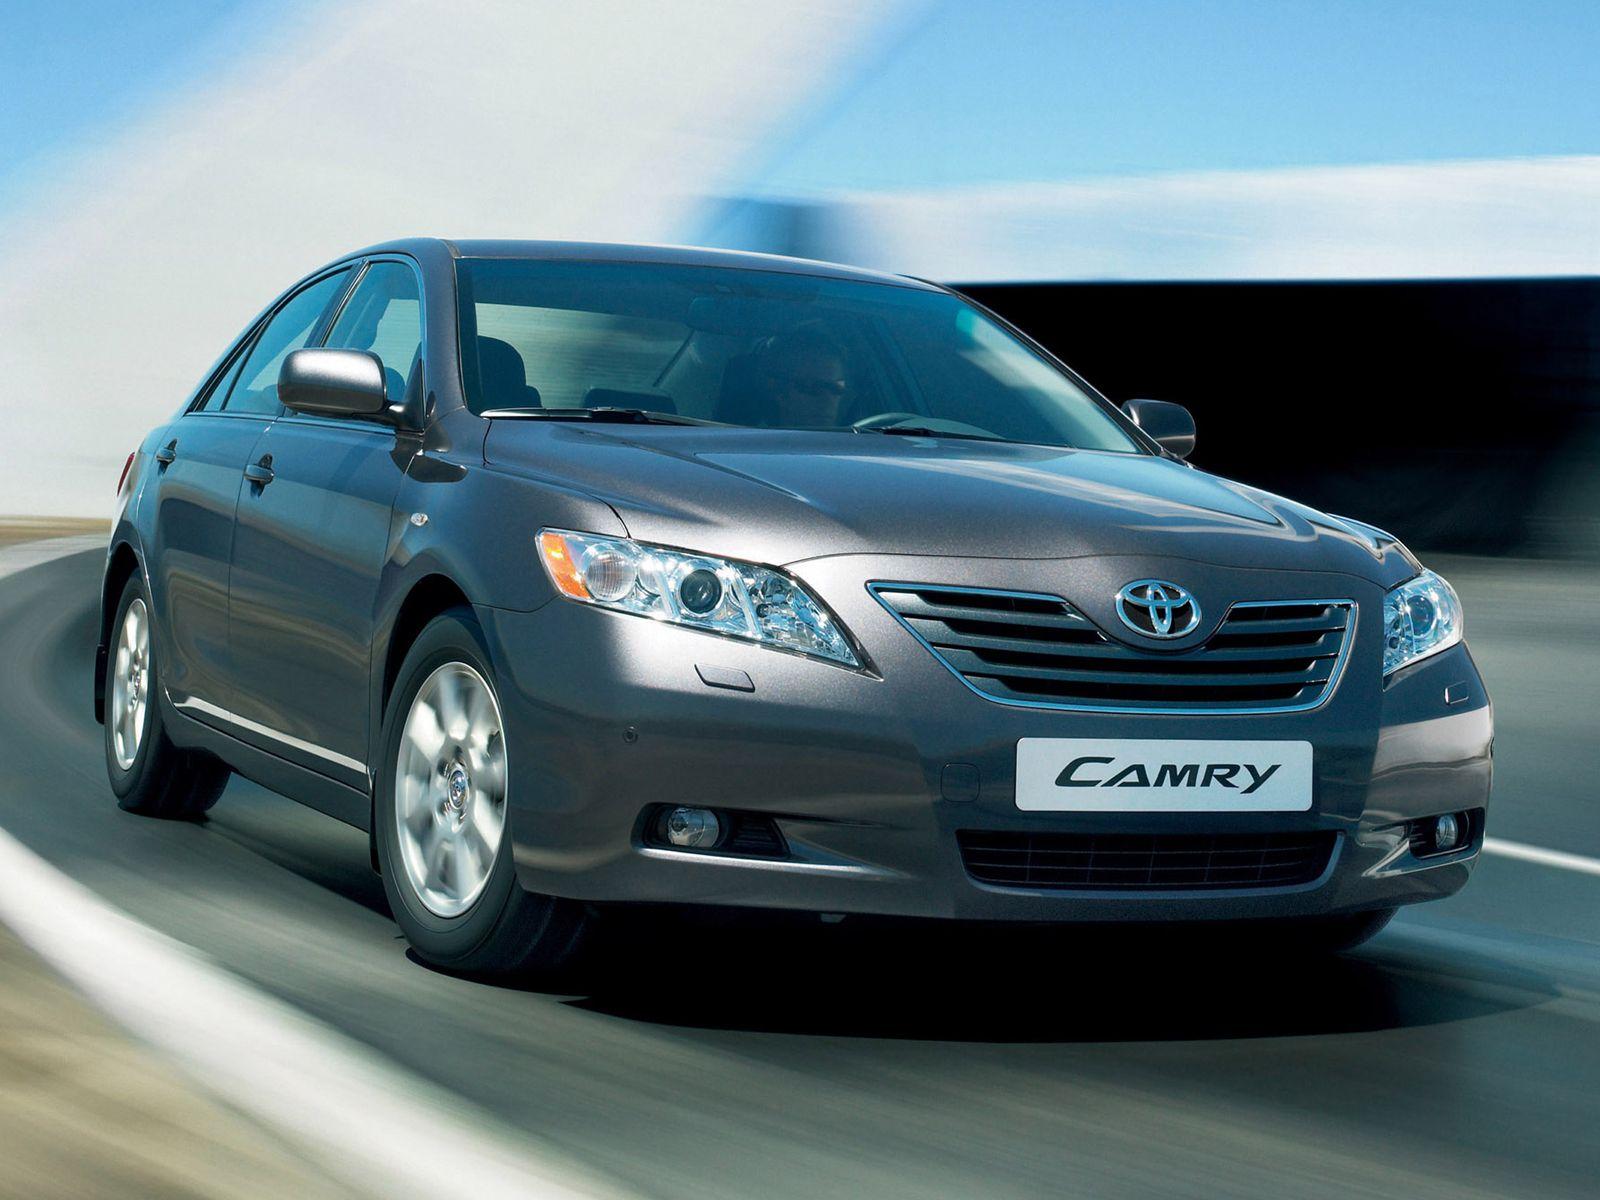 Toyota Camry 2001, 2002, 2003, 2004, седан, 6 поколение ...